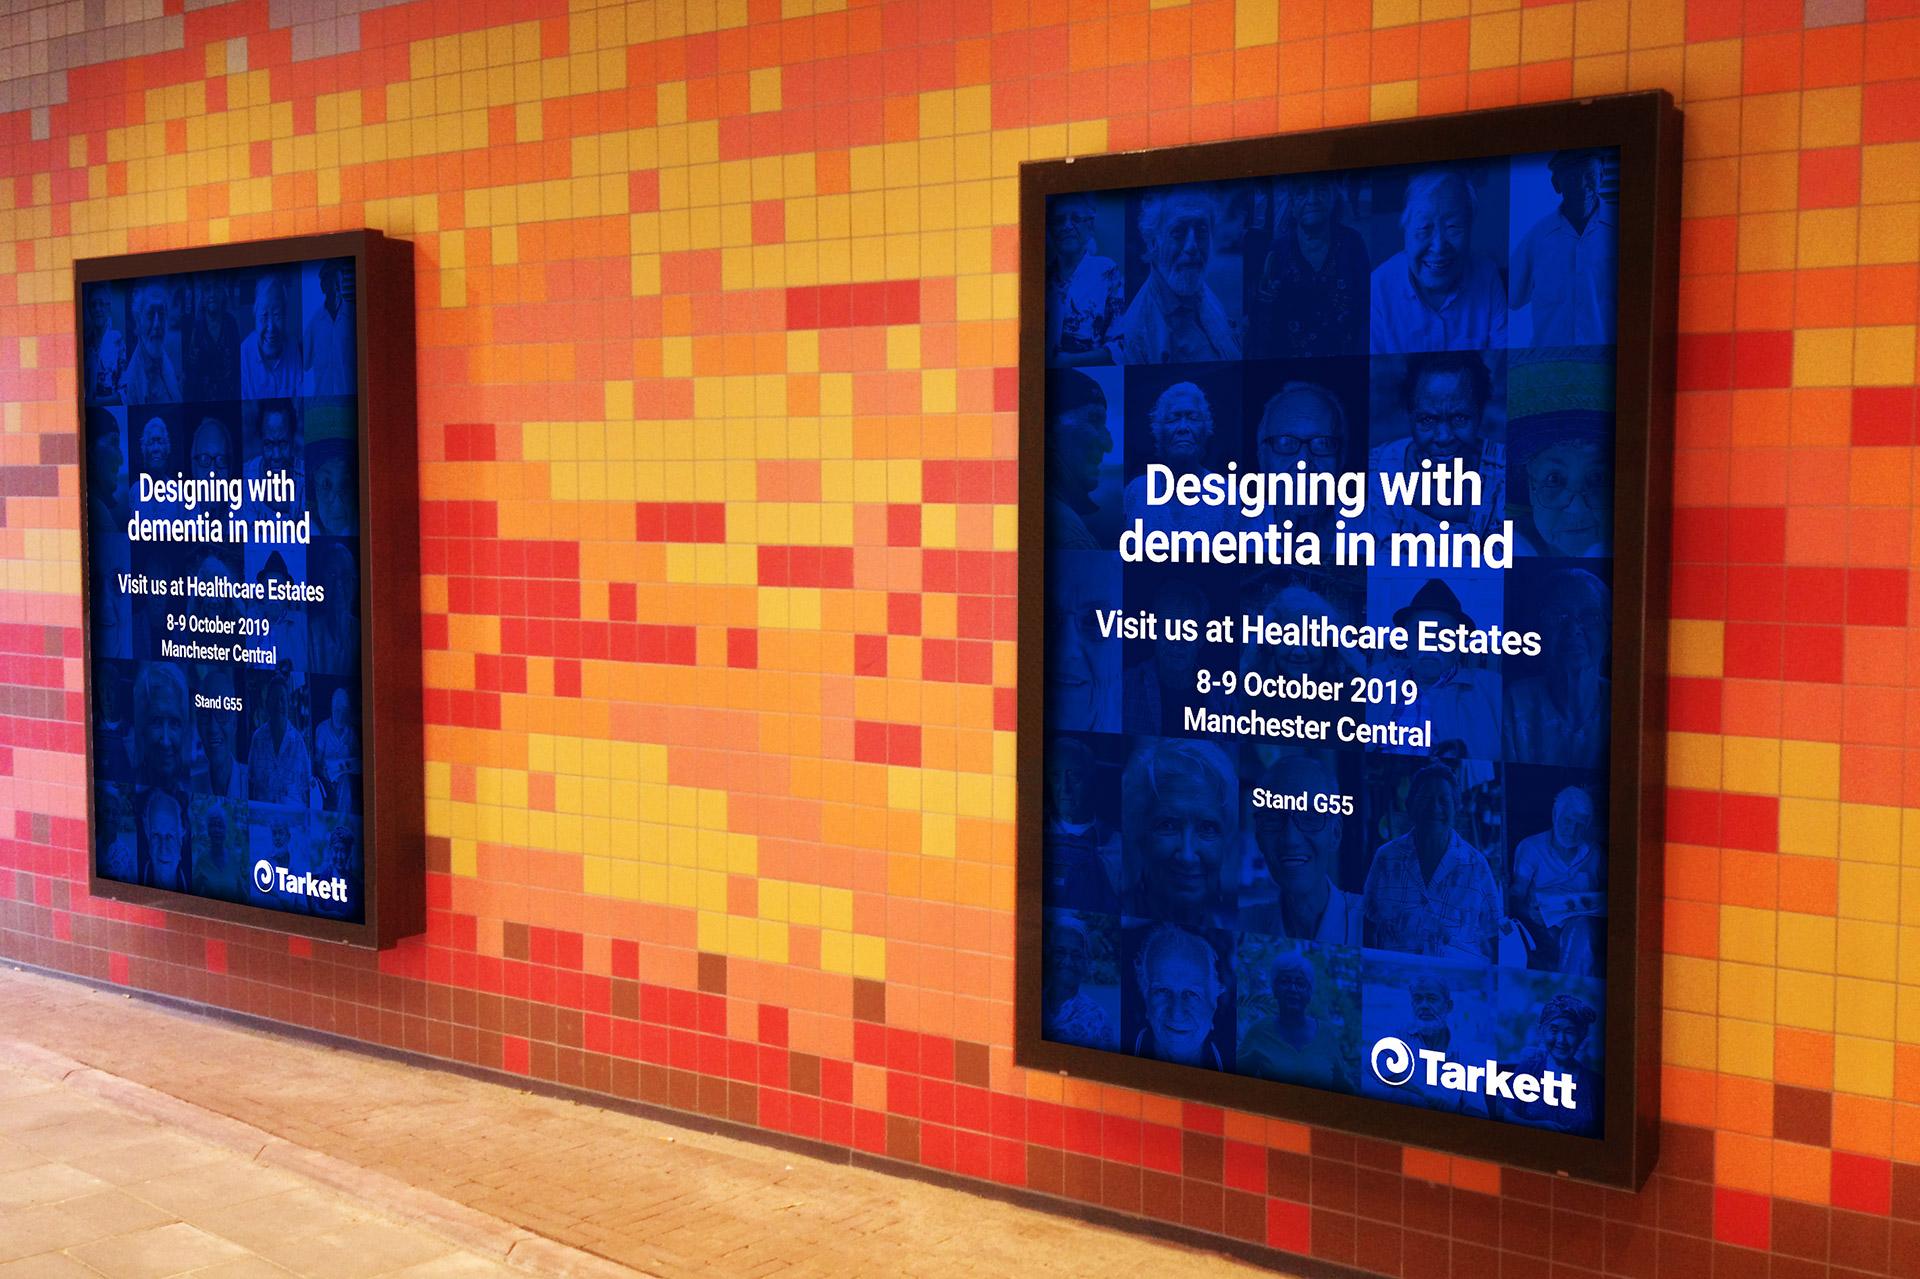 Tarkett - Designing with dementia in mind